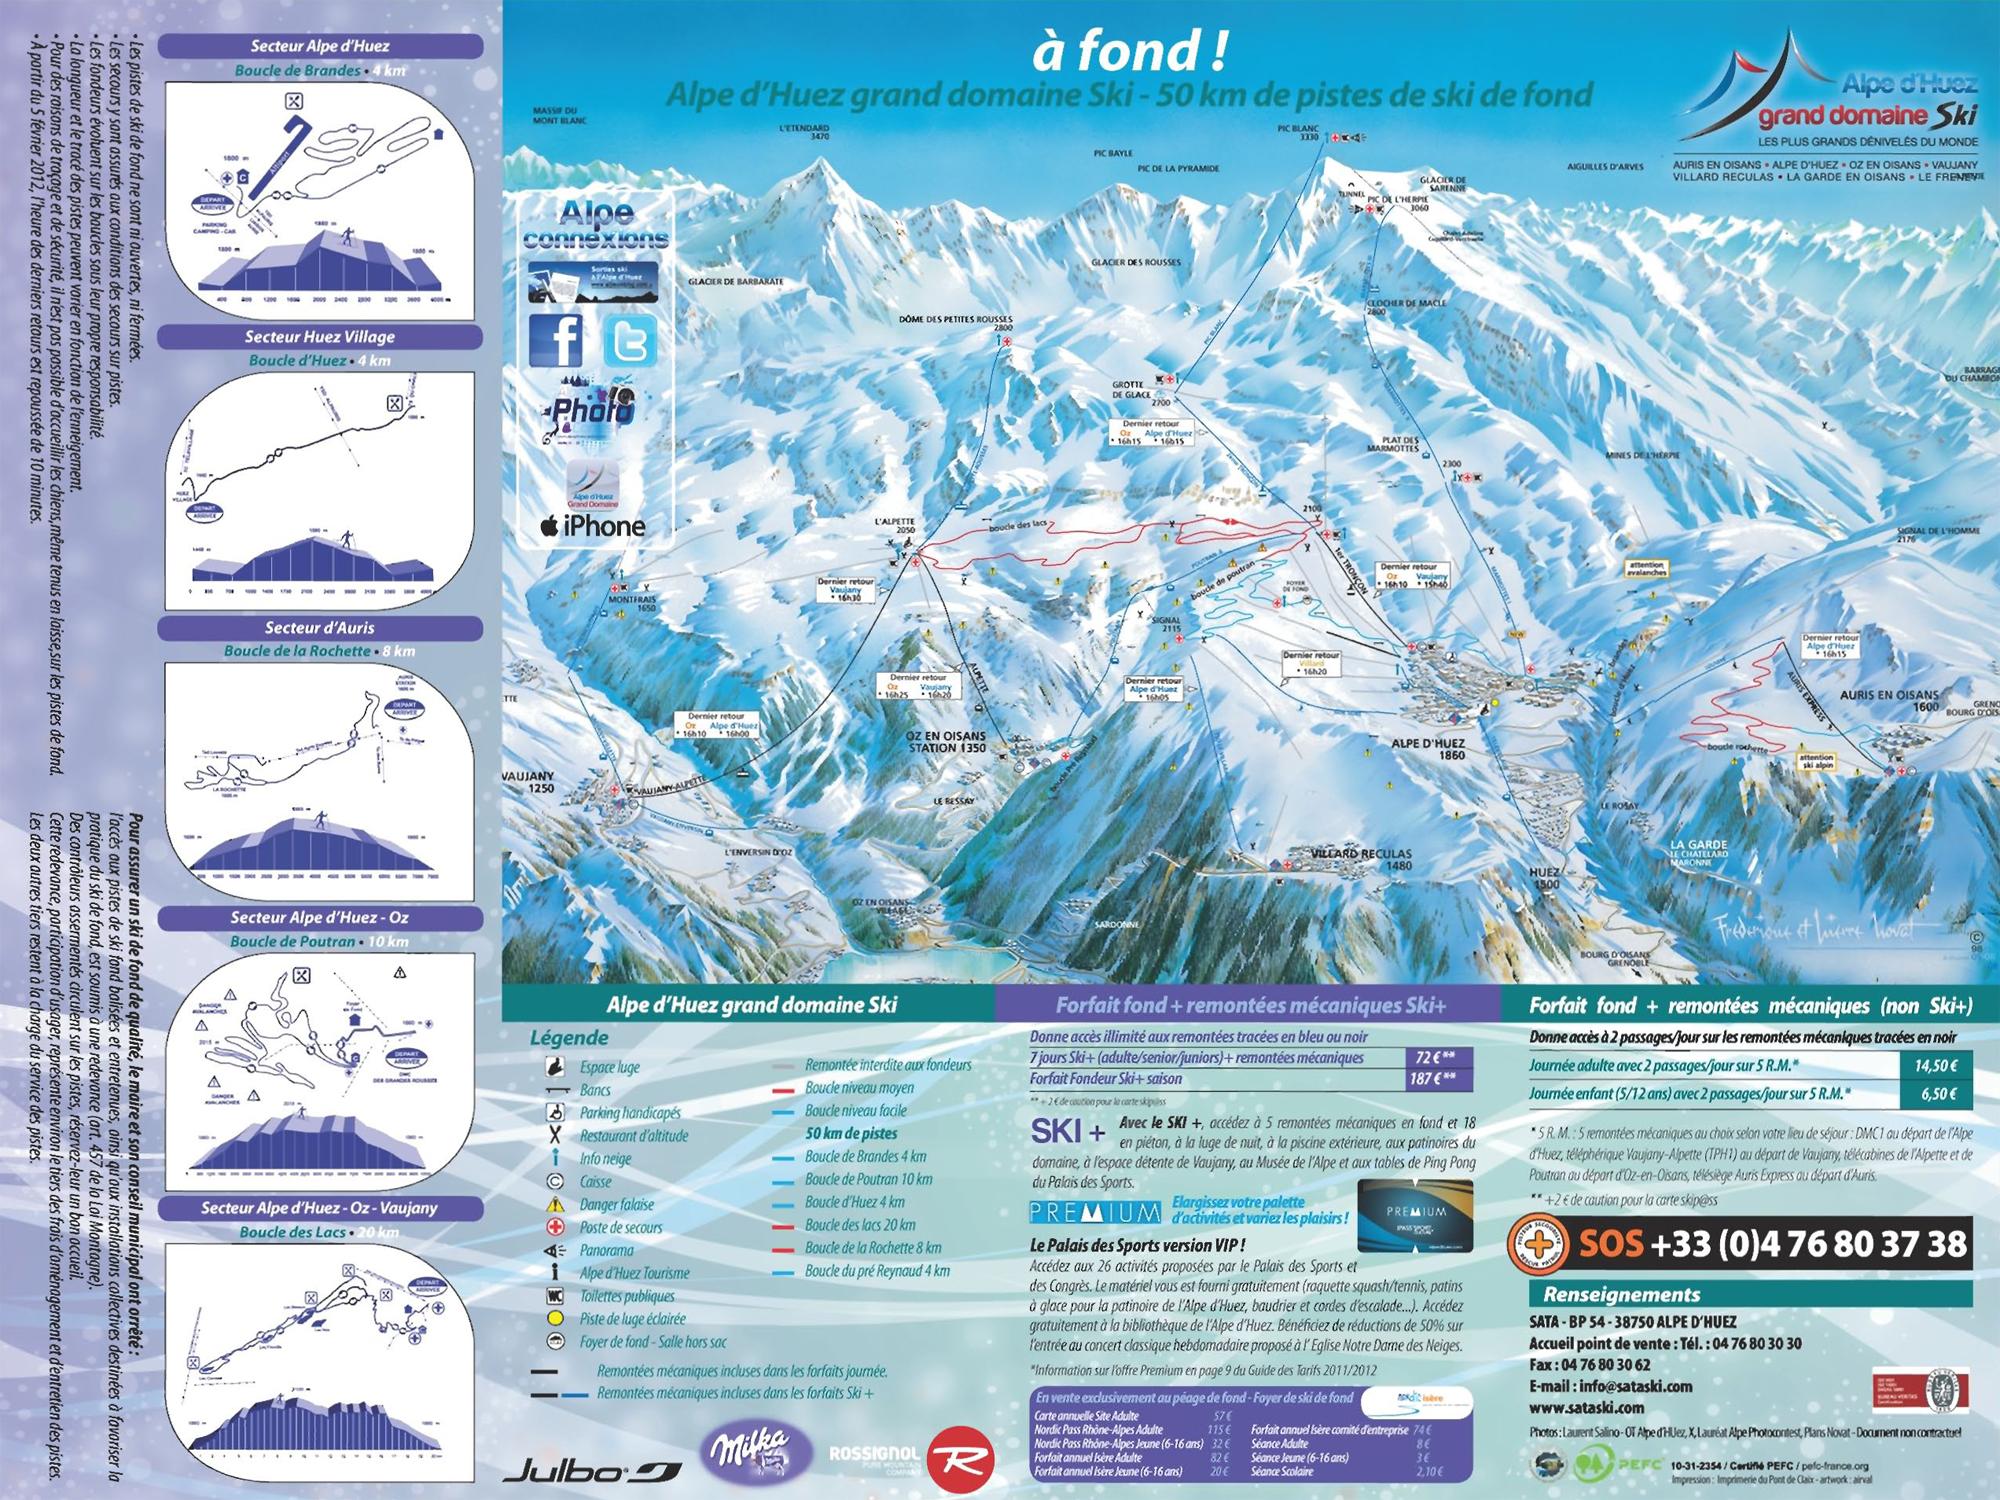 Ski area Alpe dHuez